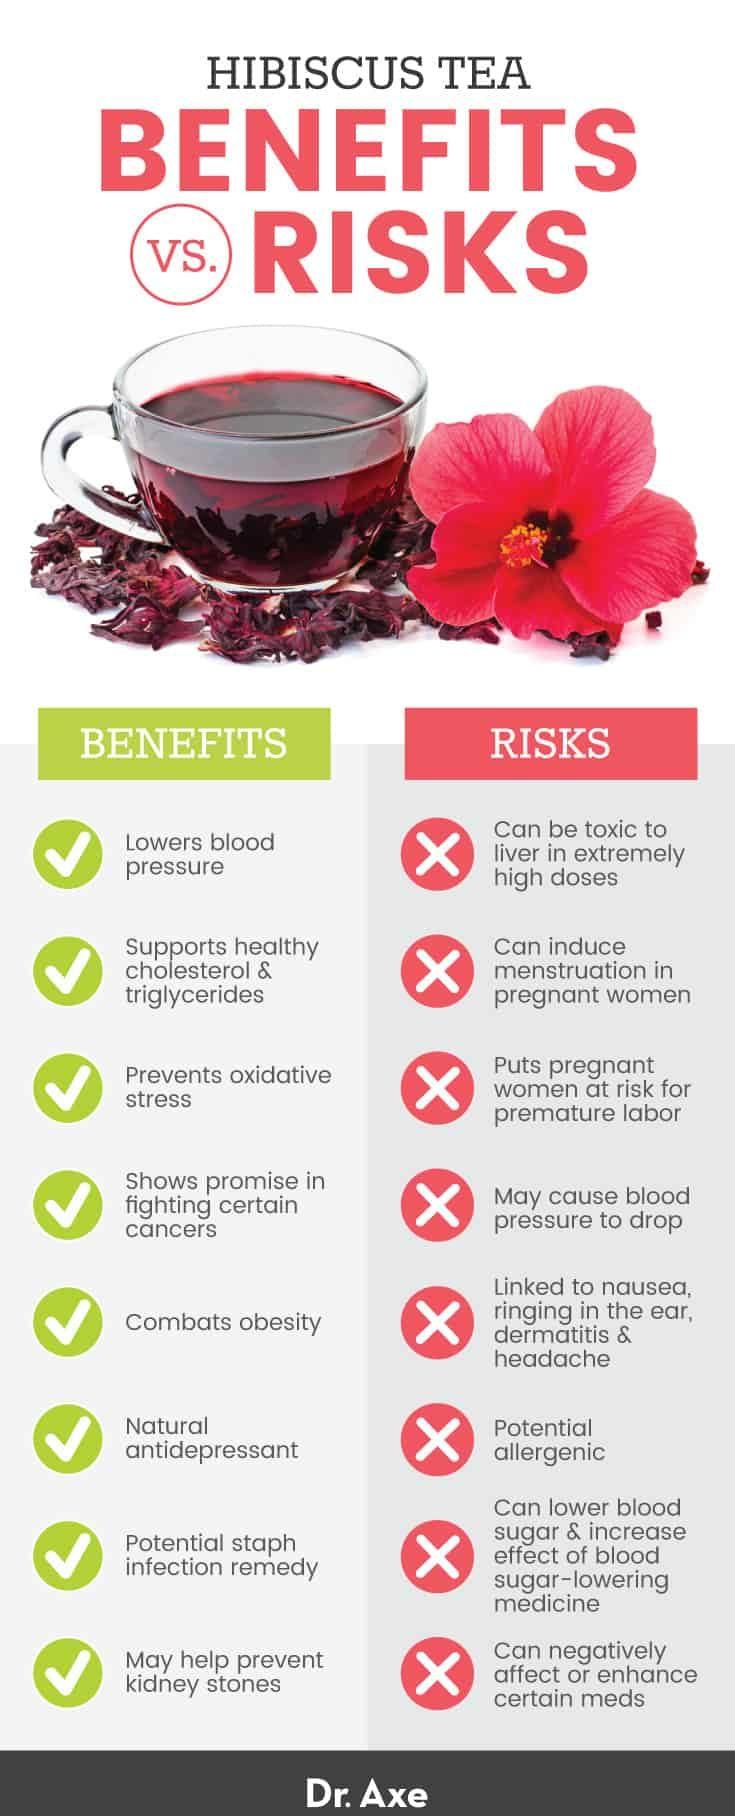 Avantages du thé à l'hibiscus par rapport aux risques - Dr Axe